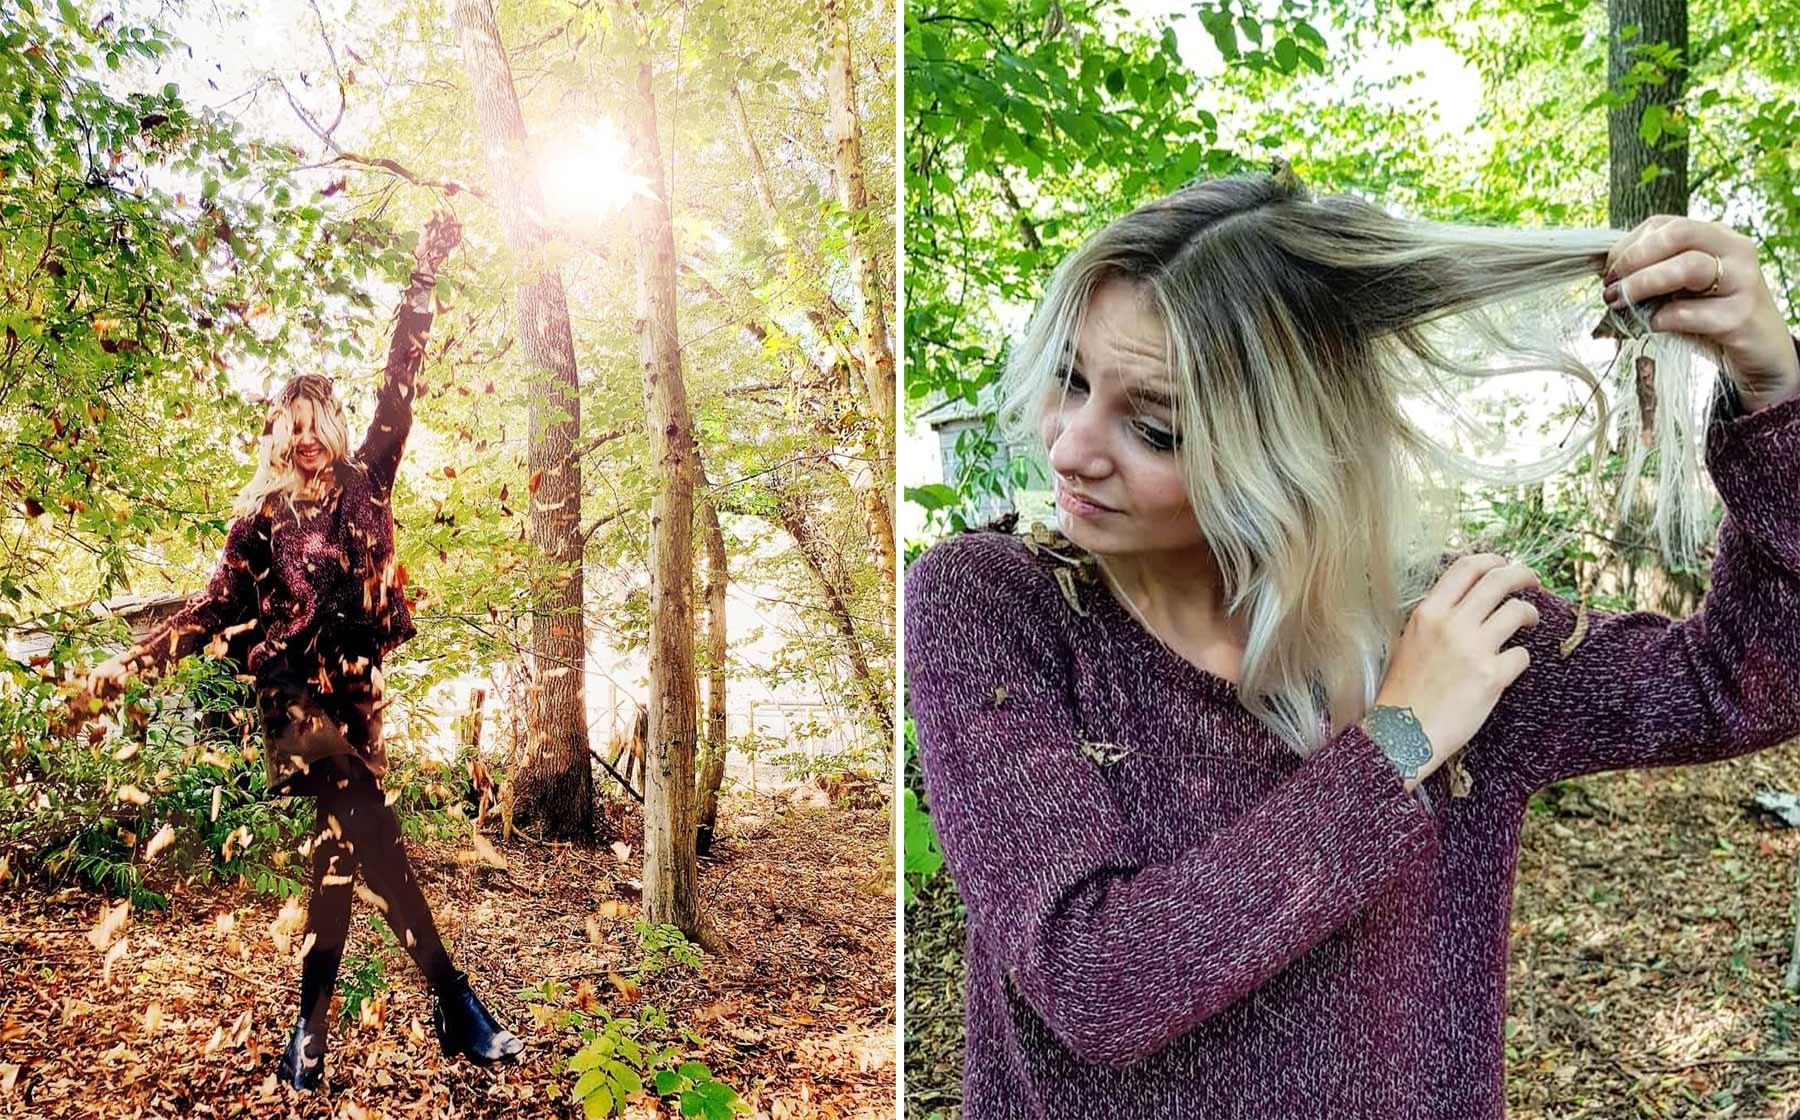 Instagram vs. echtes Leben instagram-vs-realitaet-Kim-Britt_03